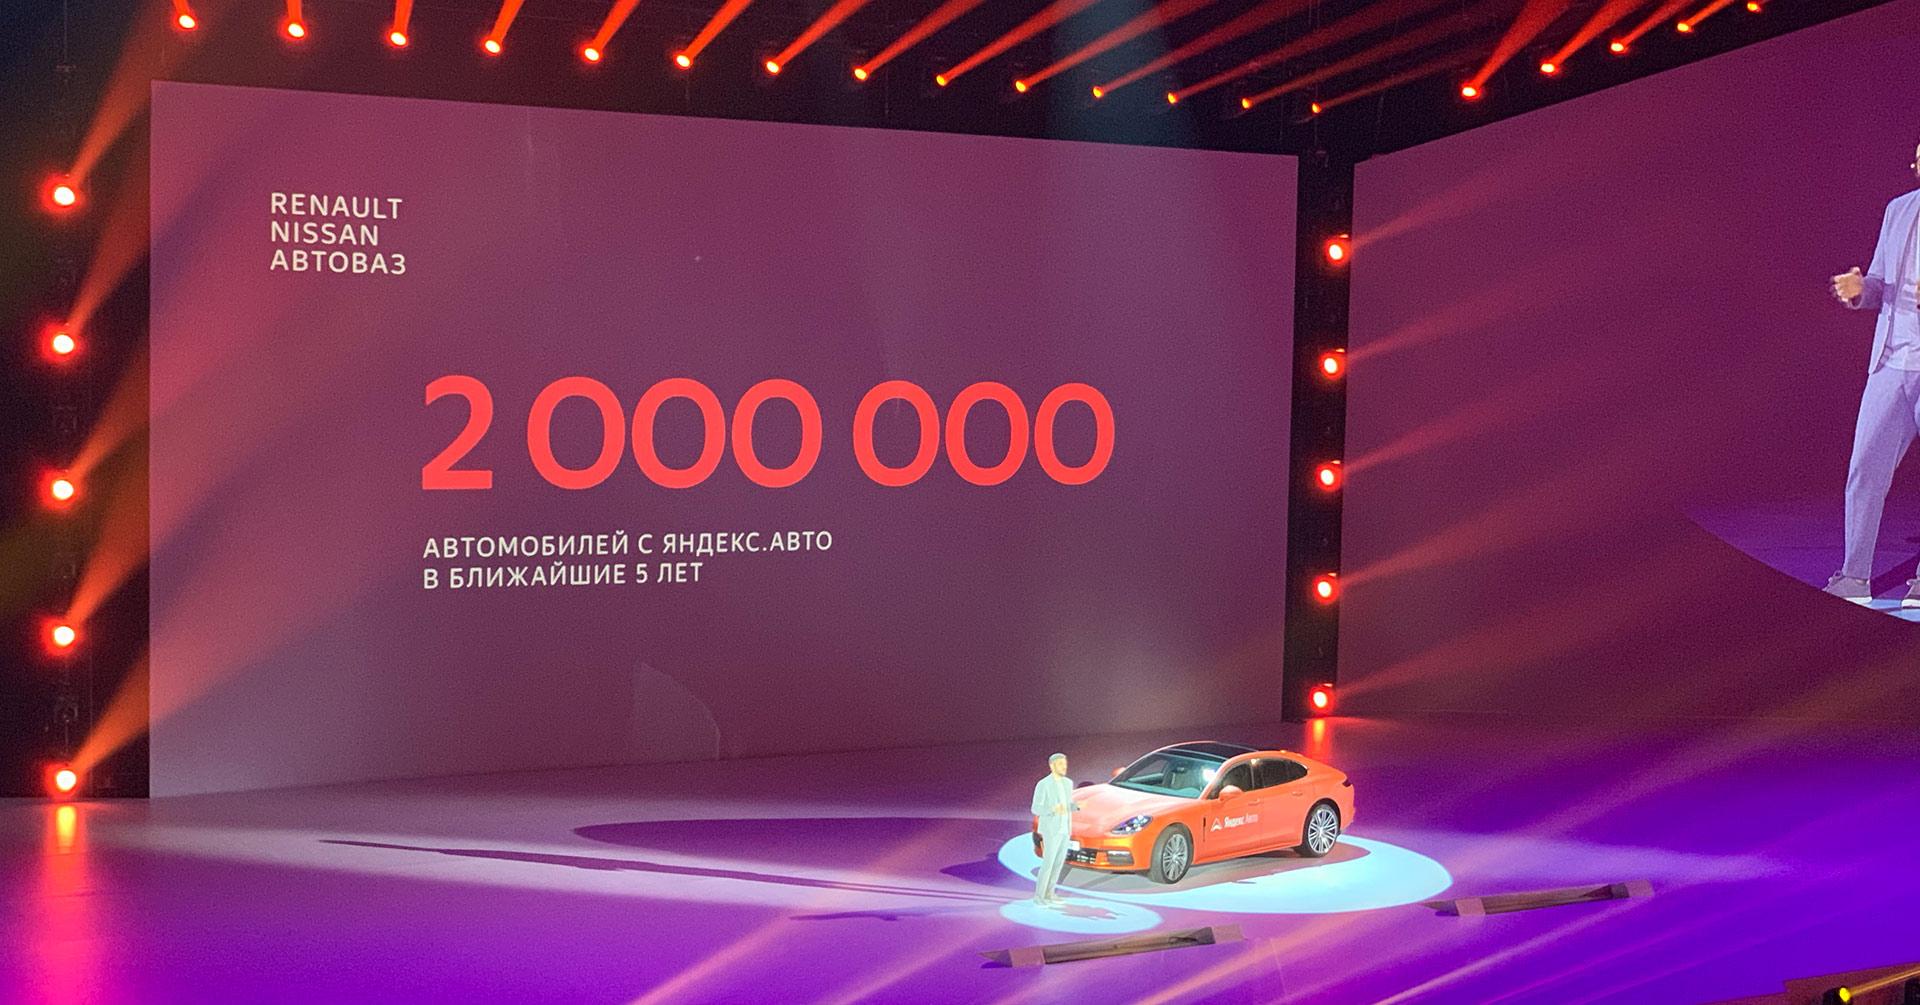 Главное с YaC 2019: сотня беспилотников на дорогах, Яндекс.Модуль, еда, умный дом - 5